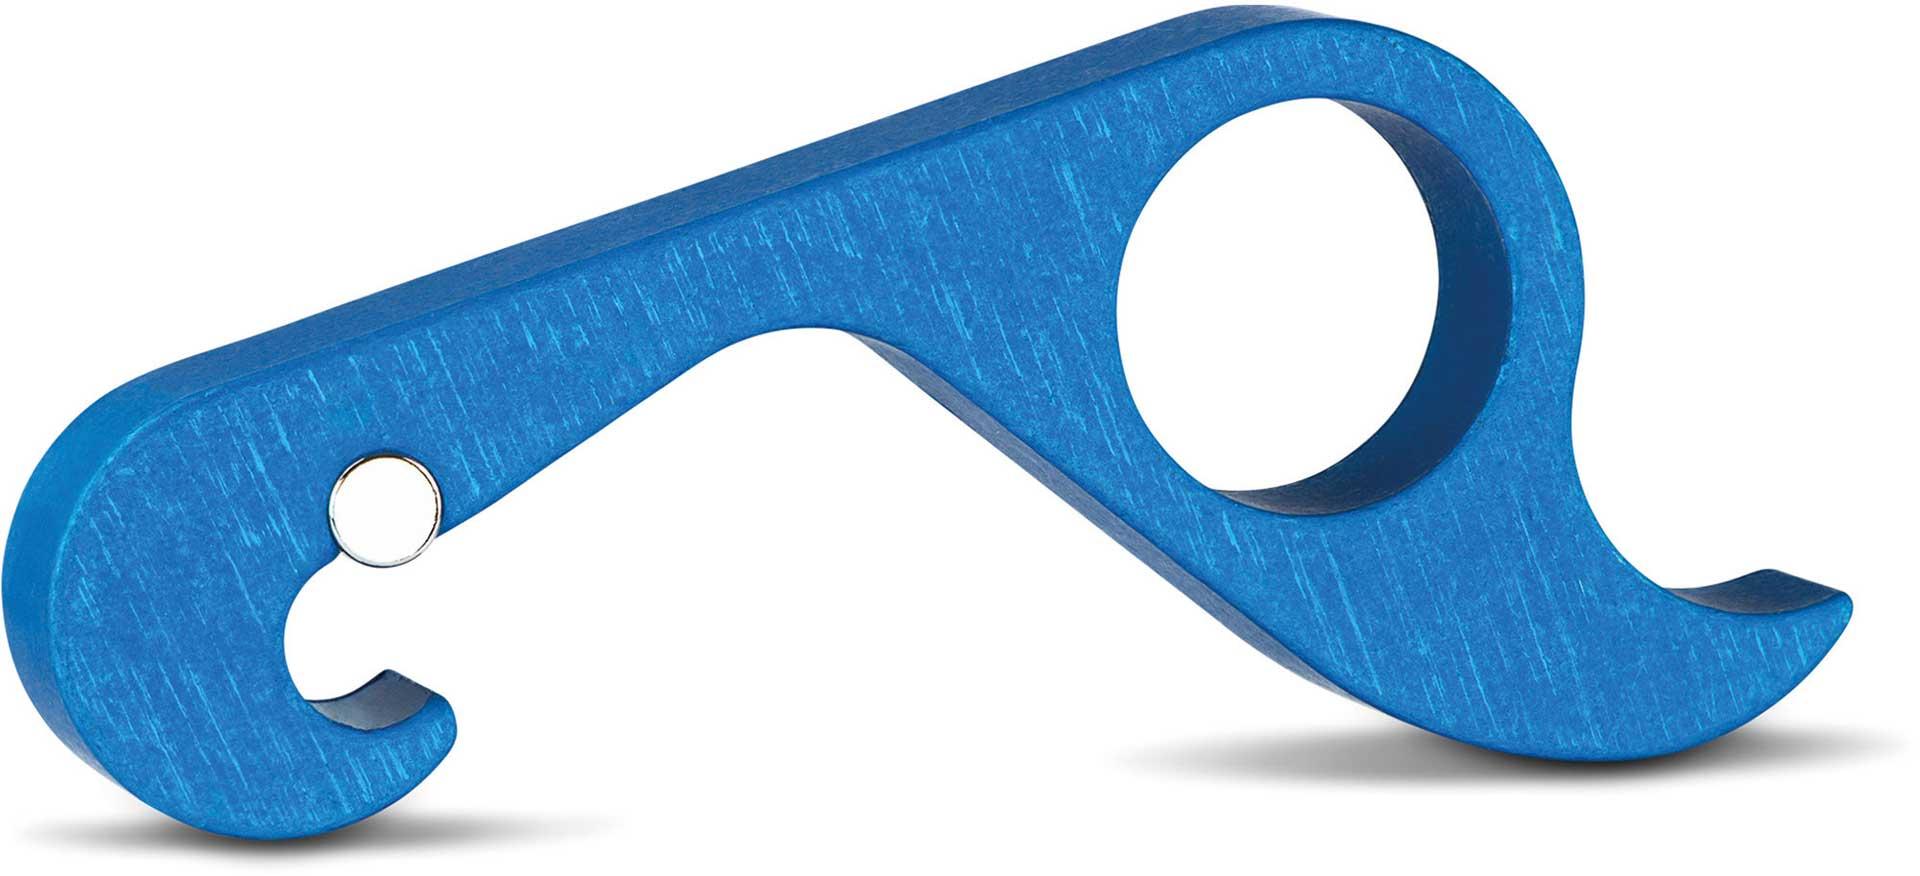 GrabOpener blue